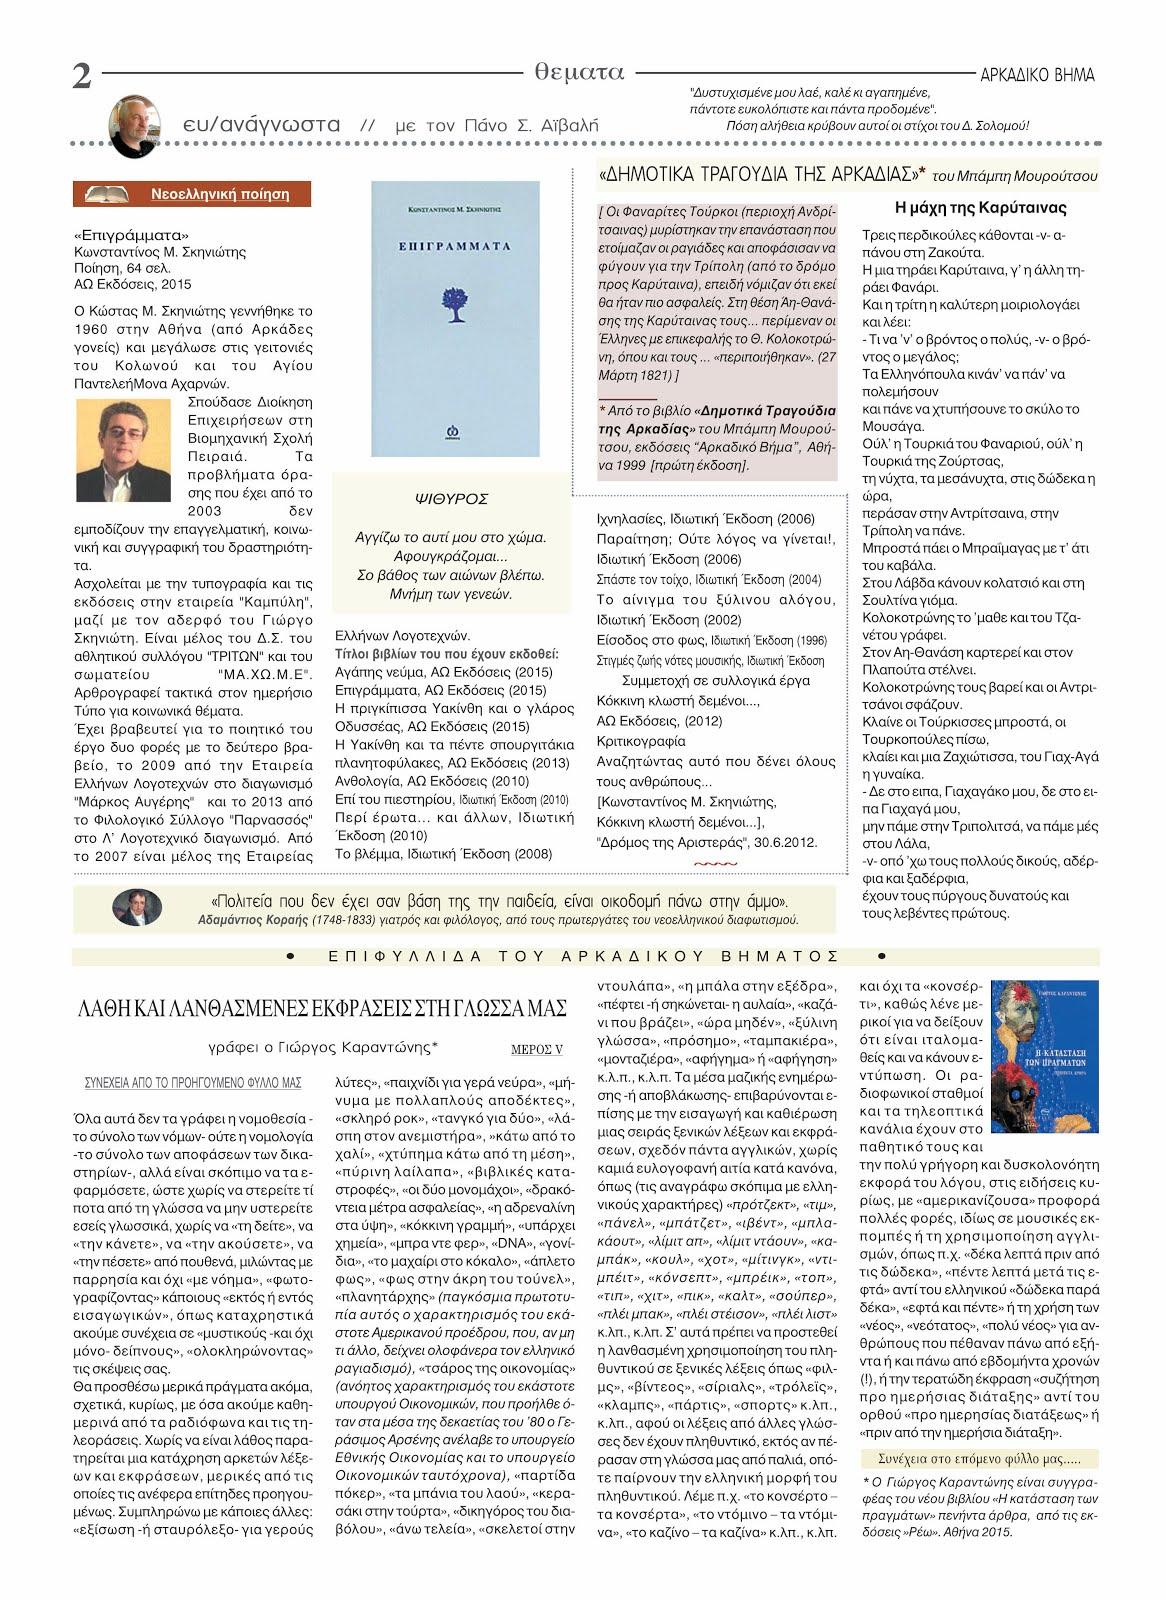 Αρκαδικό Βήμα: Κώστας Σκηνιώτης, συγγραφέας, εκδότης KAMBILI